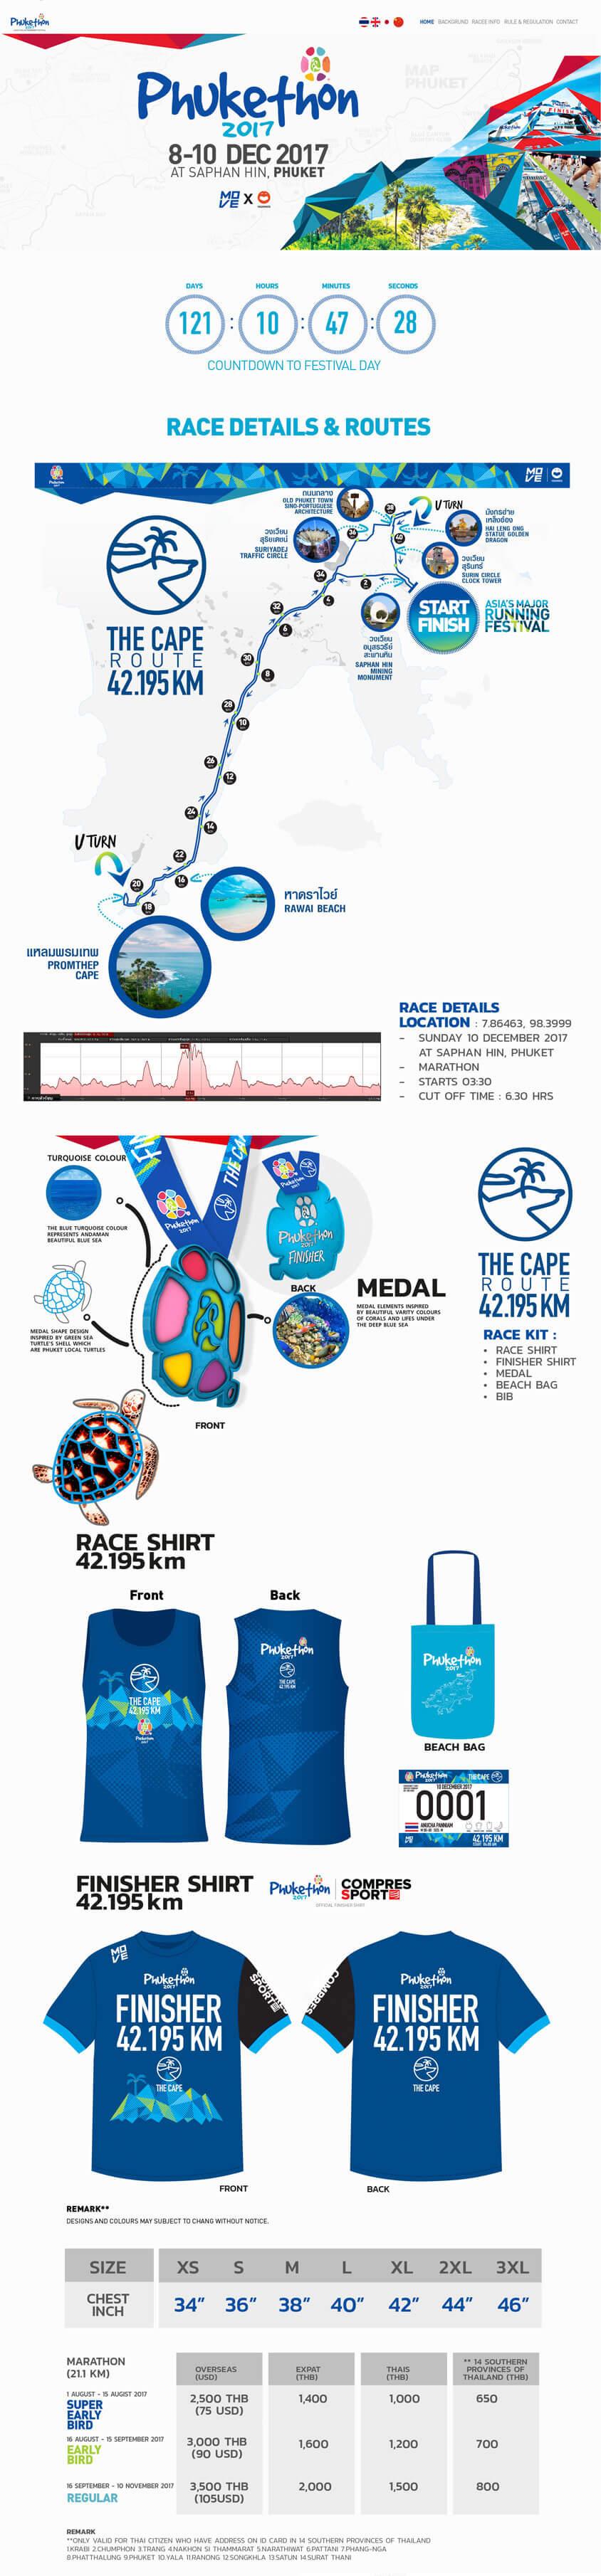 ดีไซน์การวิ่งมาราธอนให้จังหวัดภูเก็ต | MeDee - บริษัทรับทำเว็บไซต์ กราฟฟิกดีไซน์